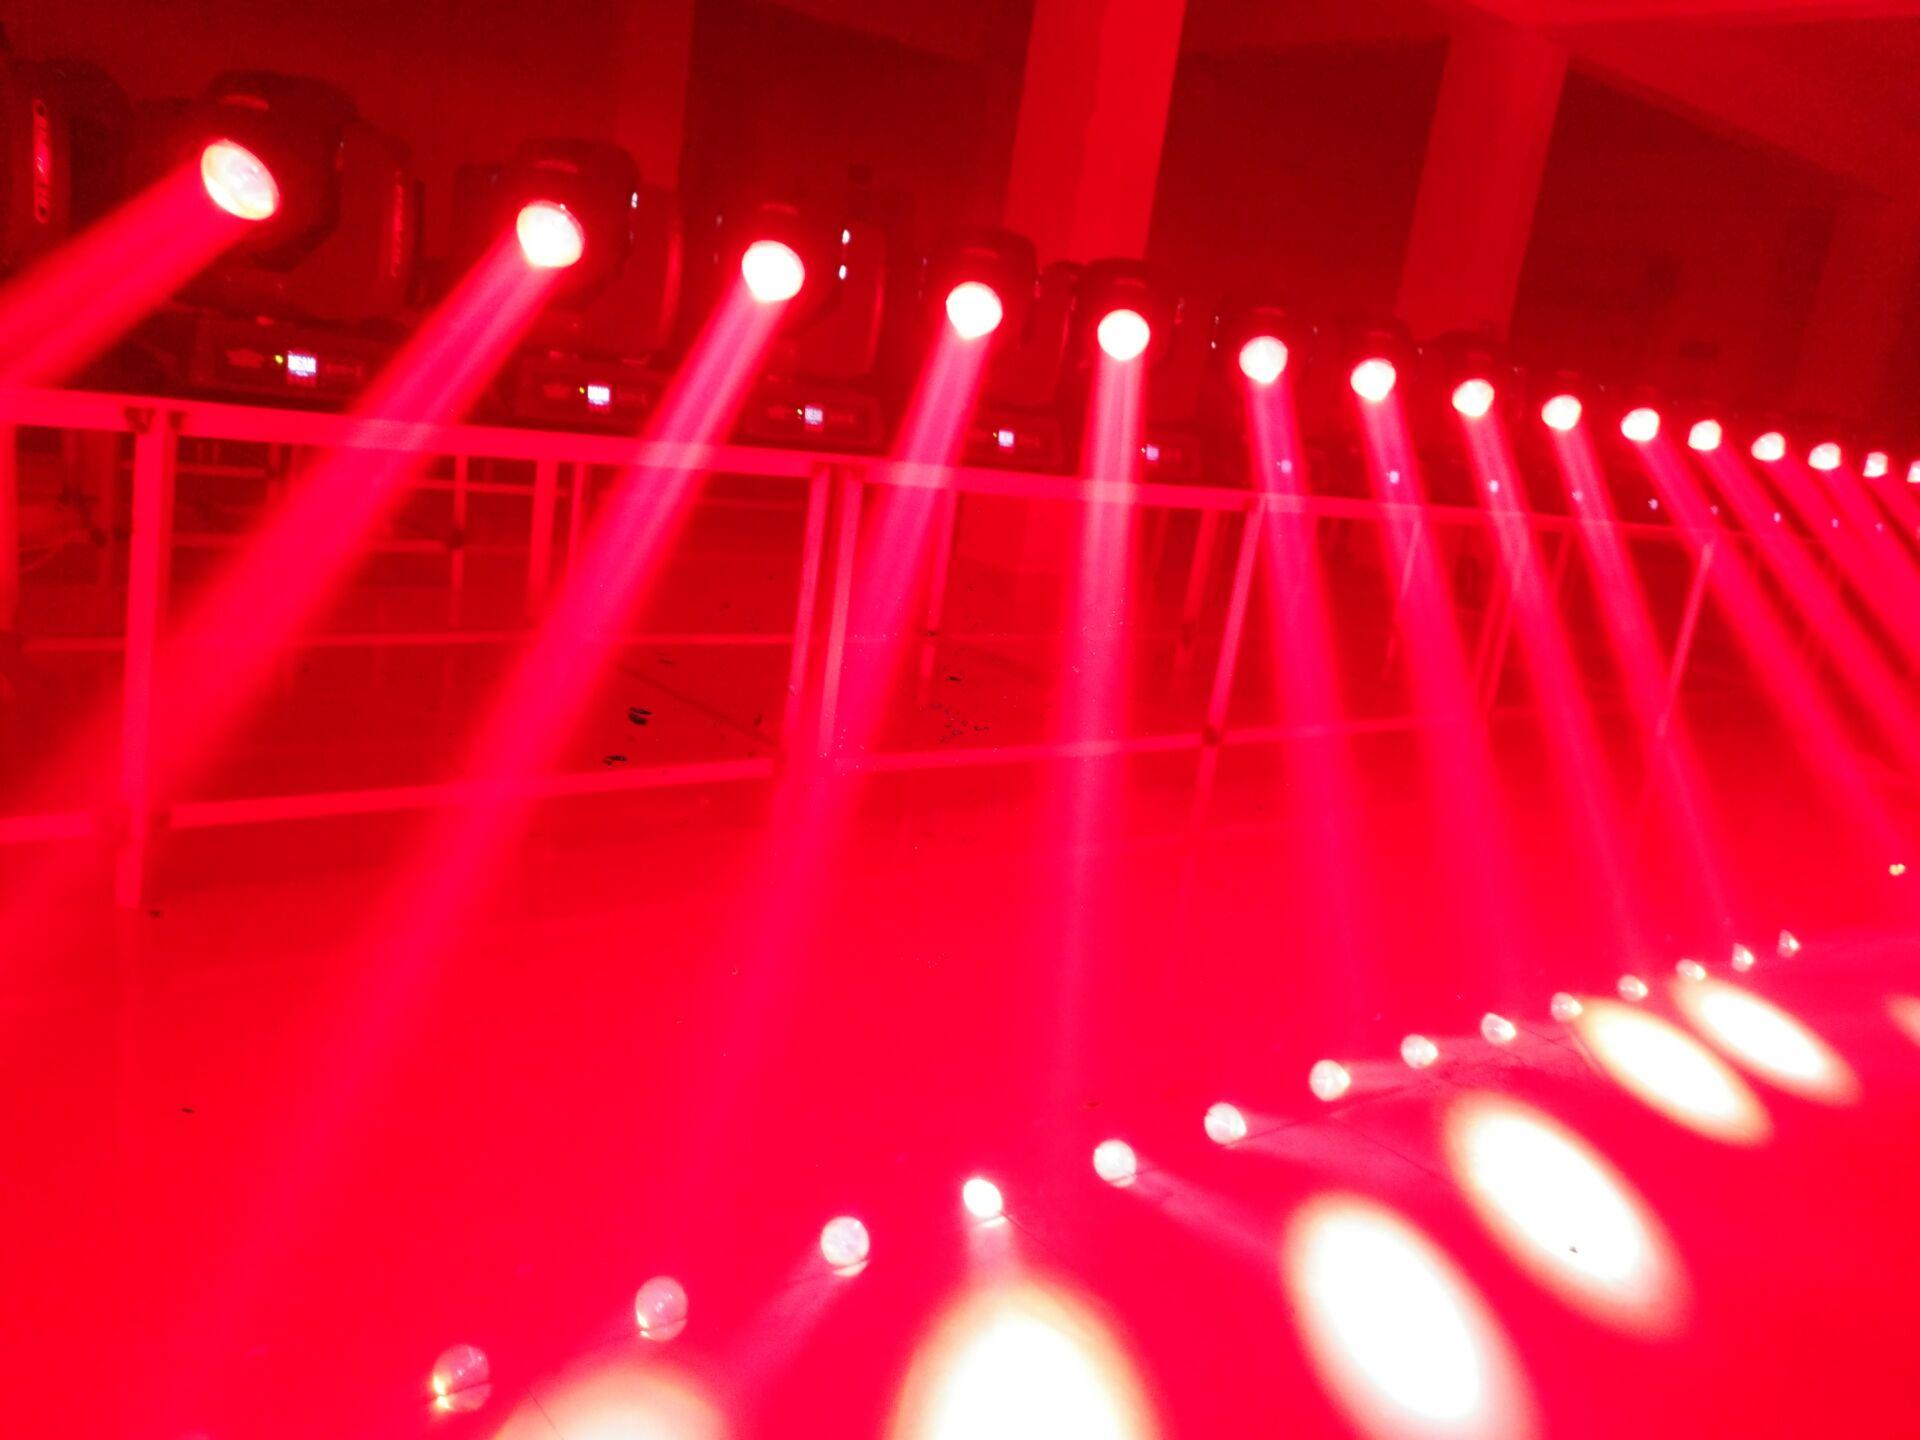 舞台灯光技术调试效果图